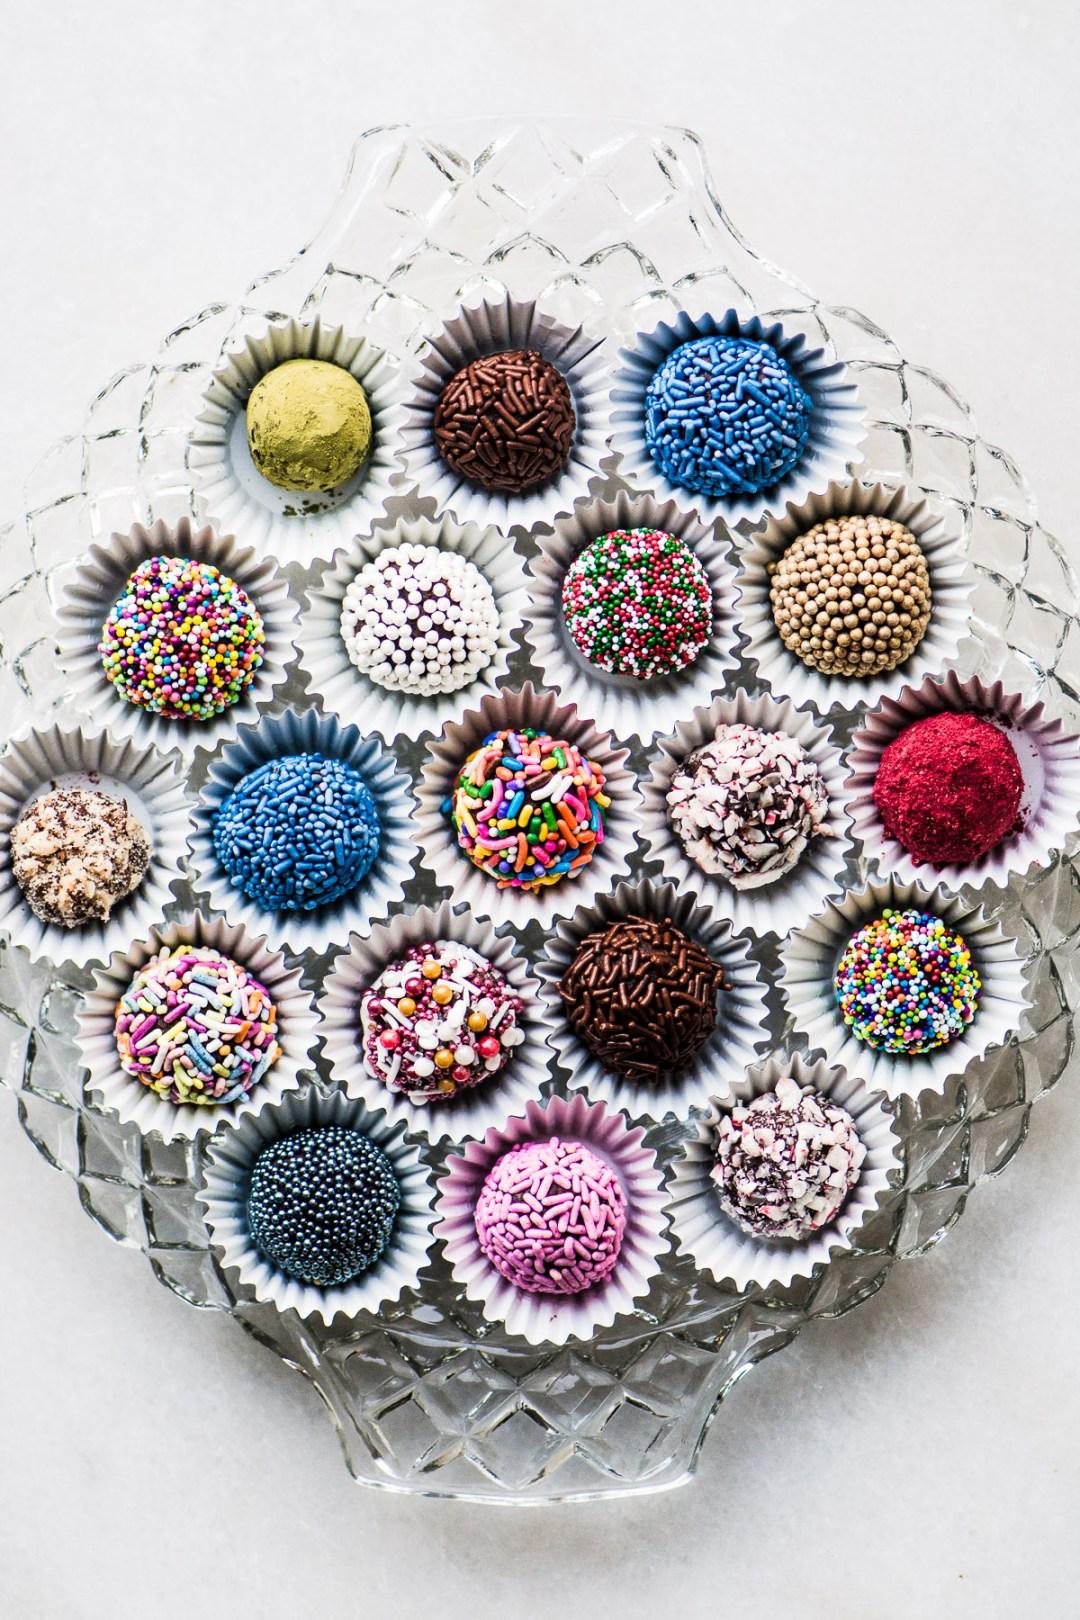 A glass platter of jewel box truffles